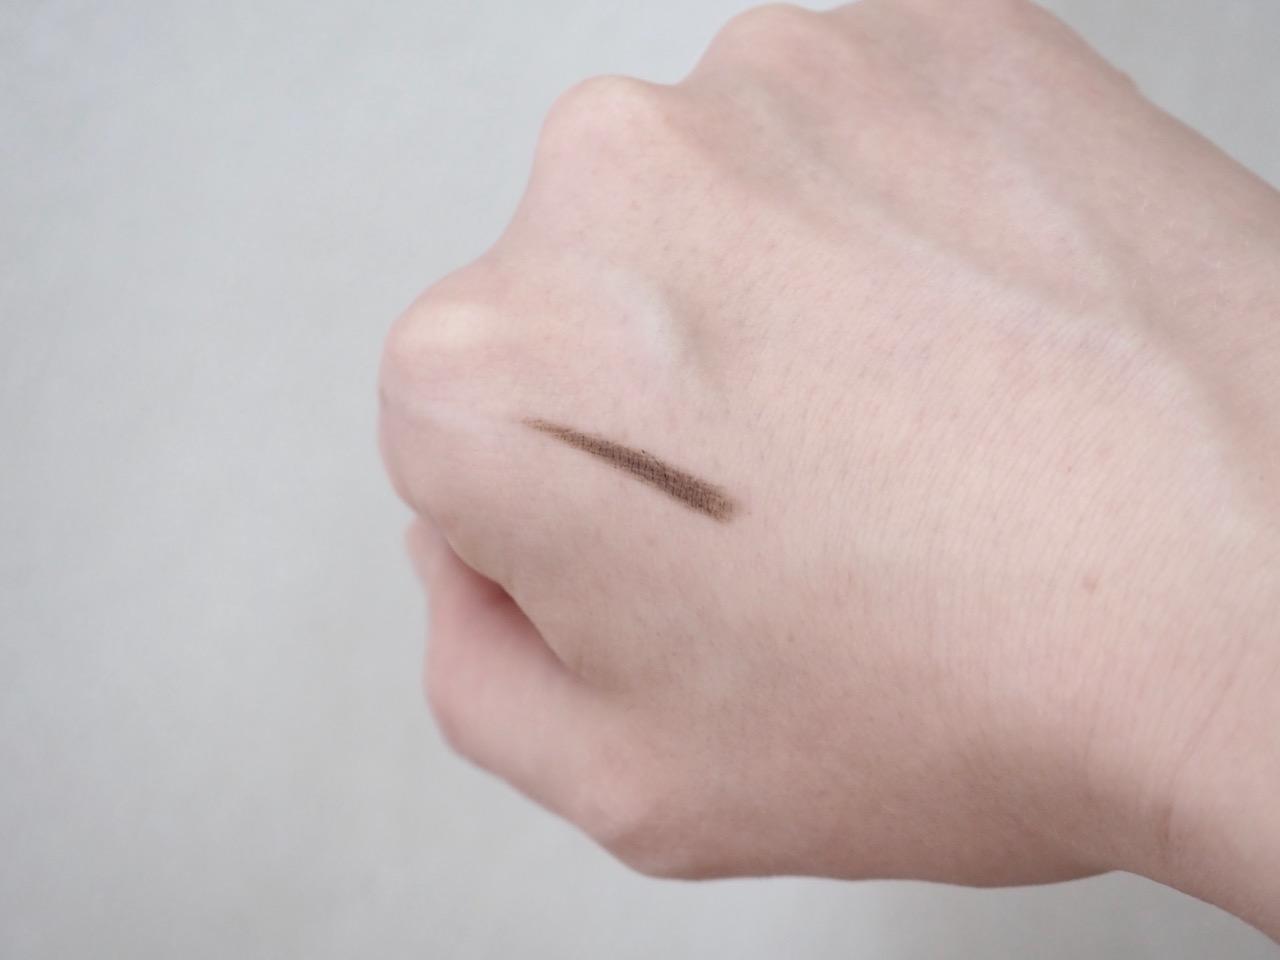 Catrice Slimmatic Ultra Precise brow pencil kulmakynä kokemuksia Ostolakossa blogi